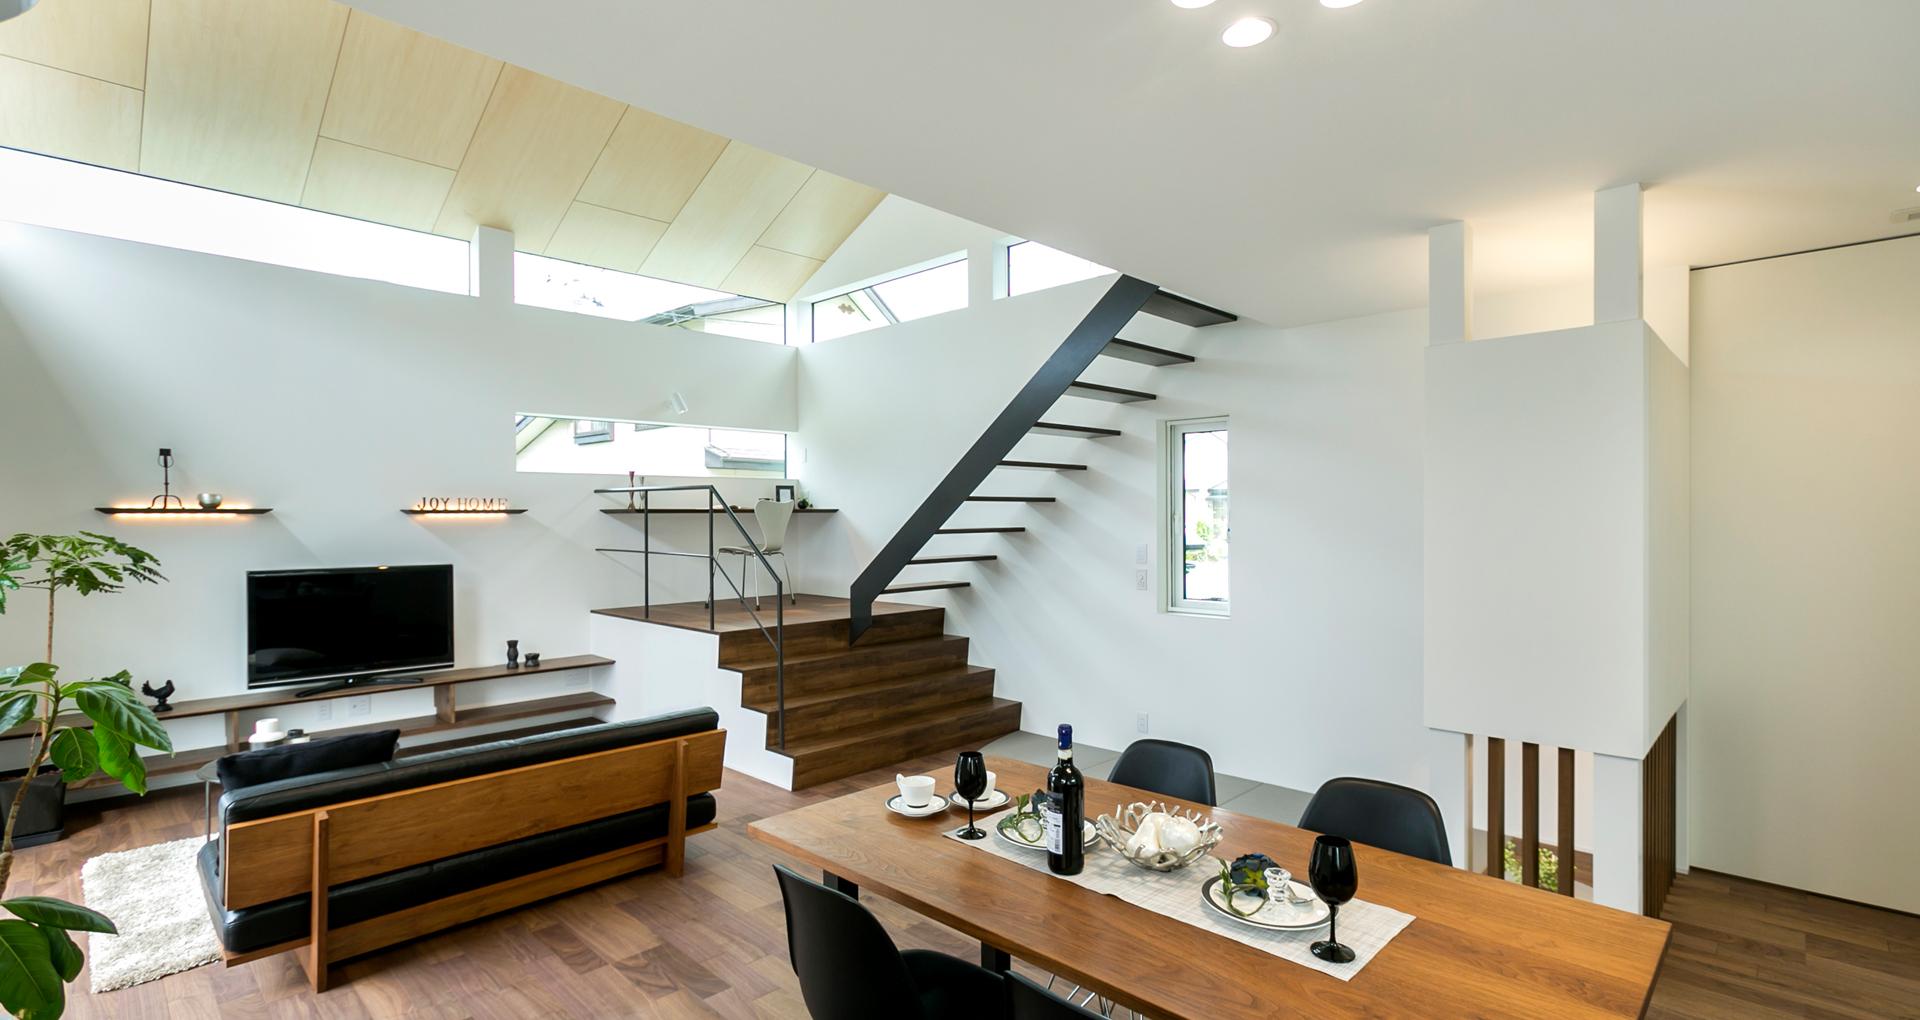 ジョイホーム 首都圏で活躍する建築デザイナー・建築家とのコラボレーションで、住宅設計提案するデザイナーズハウスなどを盛岡市・花巻市・北上市など岩手県を中心に展開。